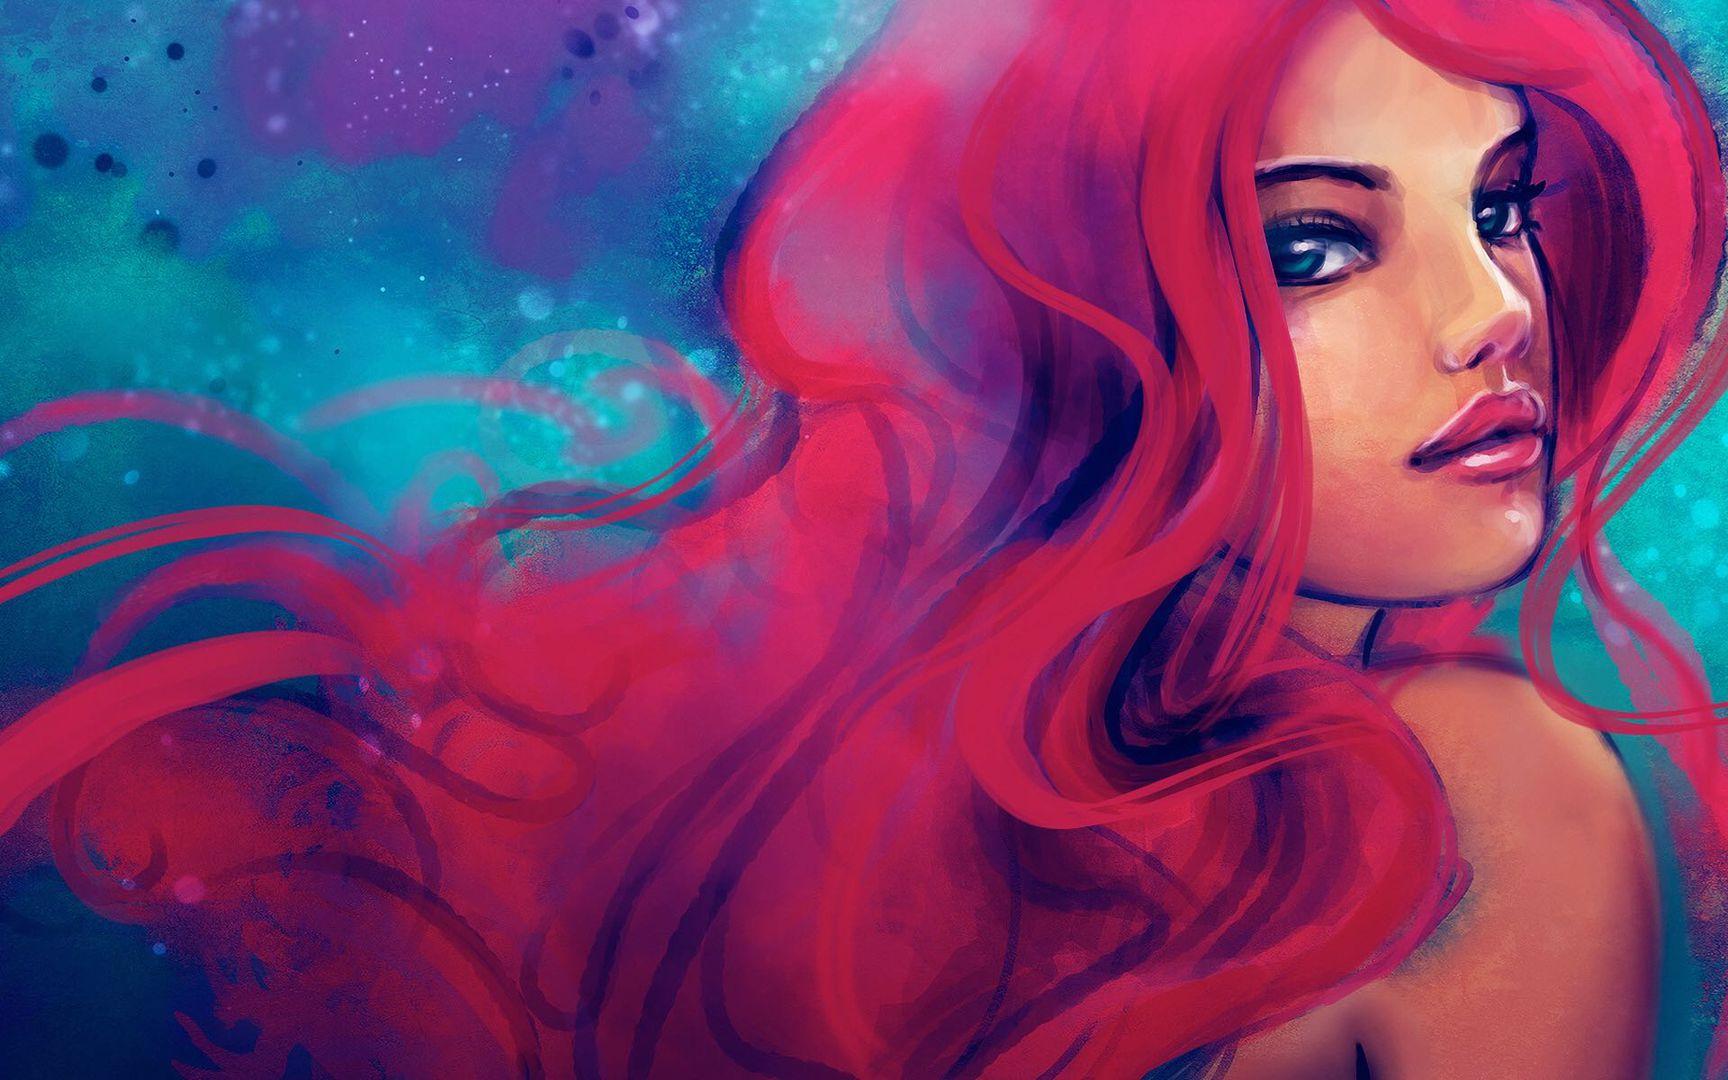 Ragazza dai capelli rossi in inglese